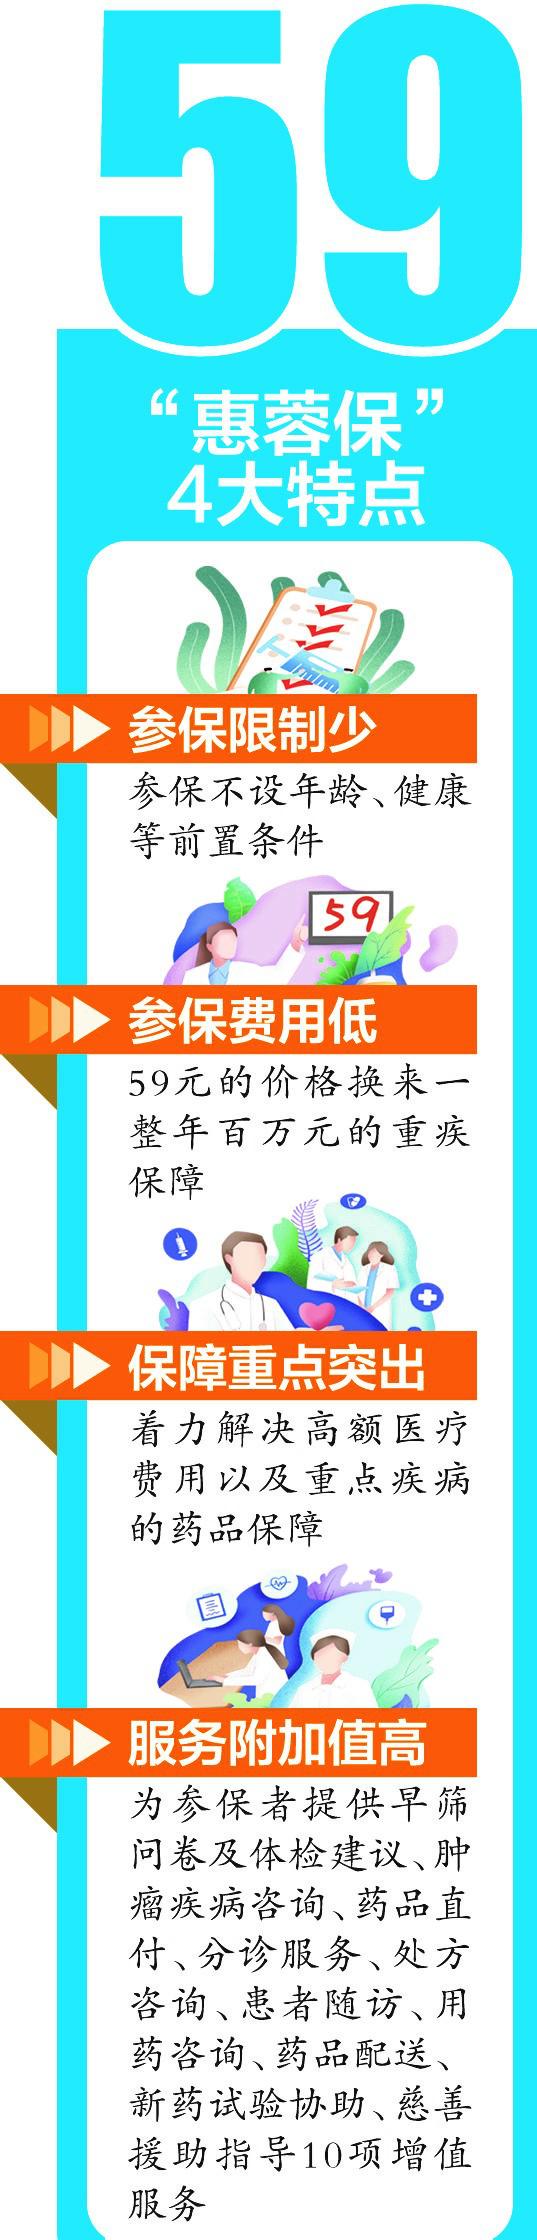 杏悦注册:成都市民专属杏悦注册的补充医保惠蓉保图片